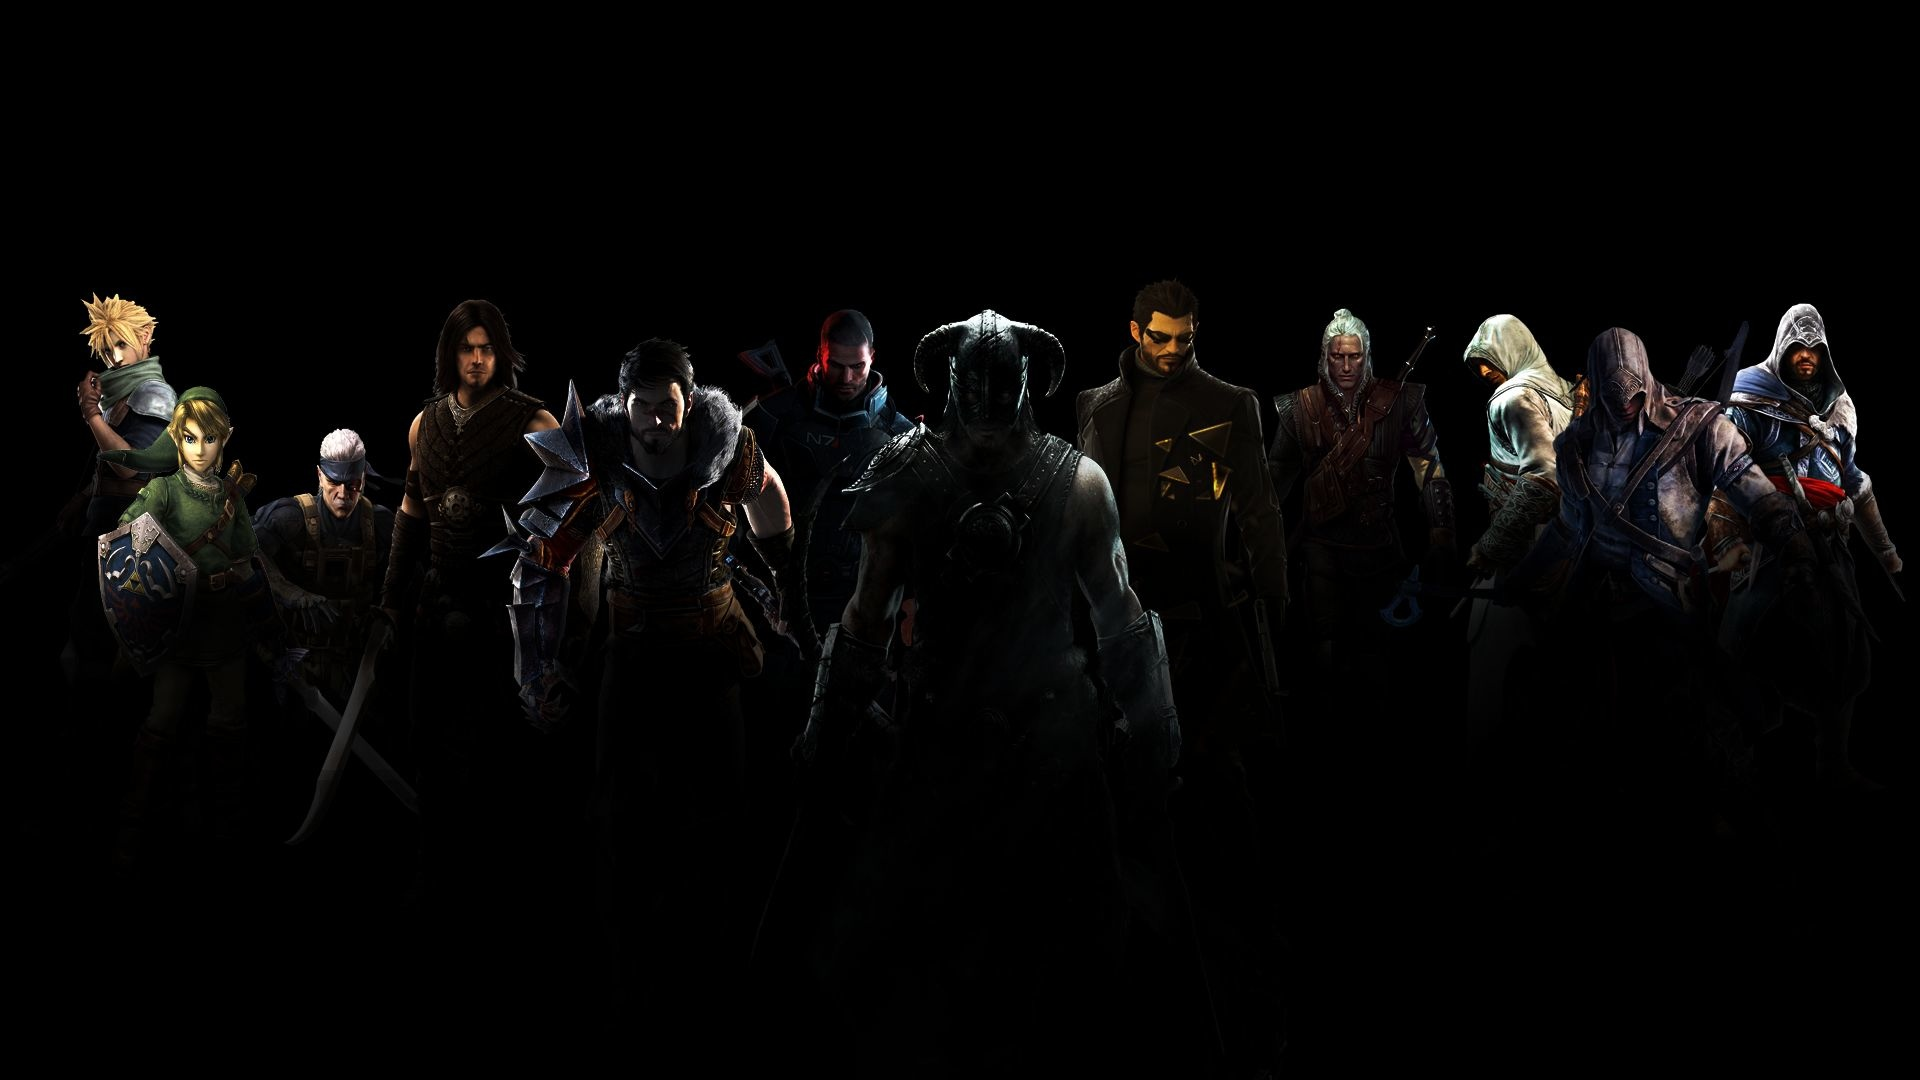 Лучшие компьютерные игры 2016 года, на которые стоит обратить внимание